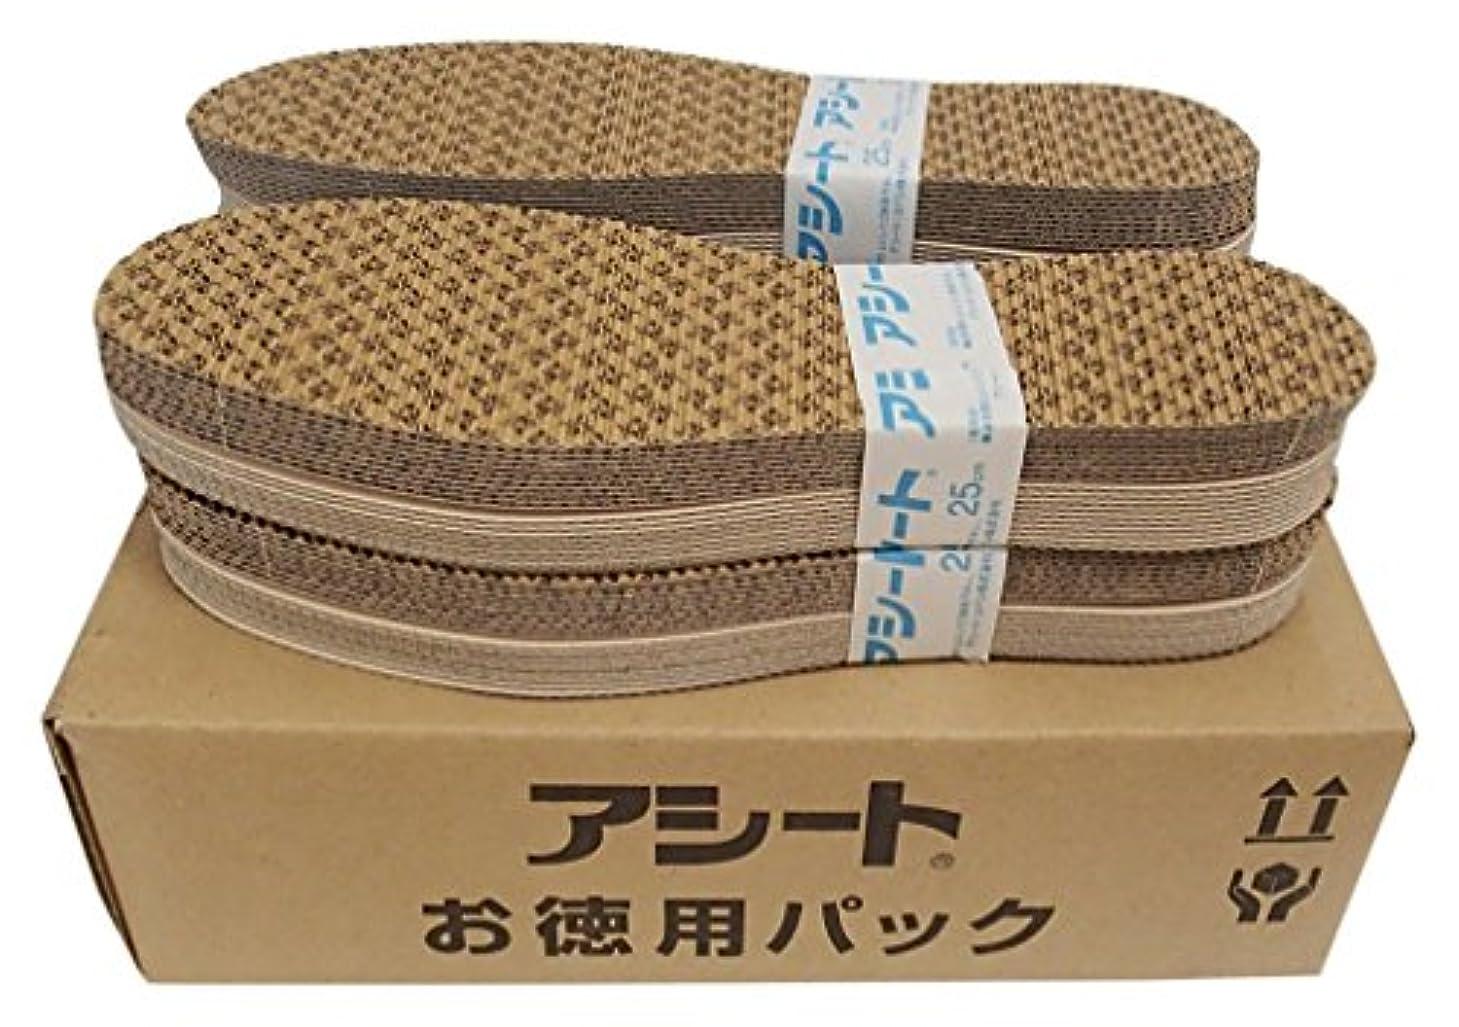 褒賞シンジケート放置お徳用タイプのアシートOタイプ40足入 (24.5~25cm 男性靴用)